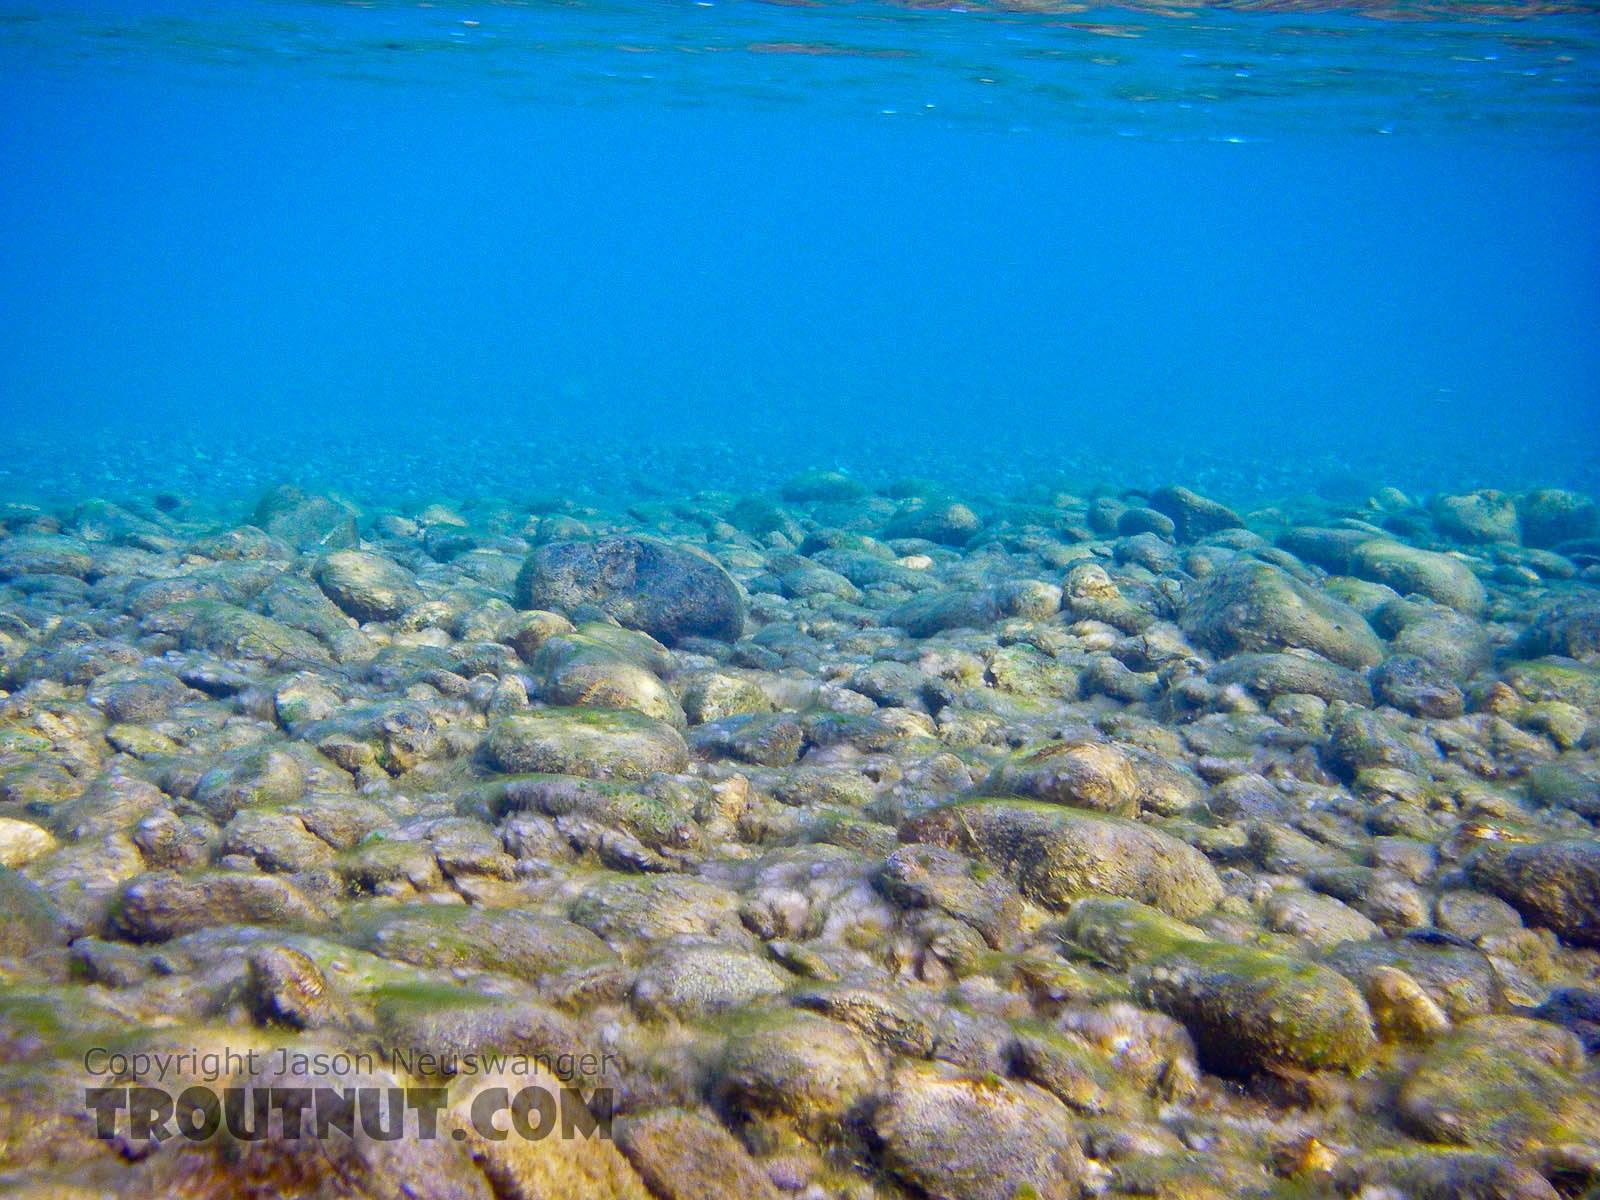 From the Sagavanirktok River in Alaska.